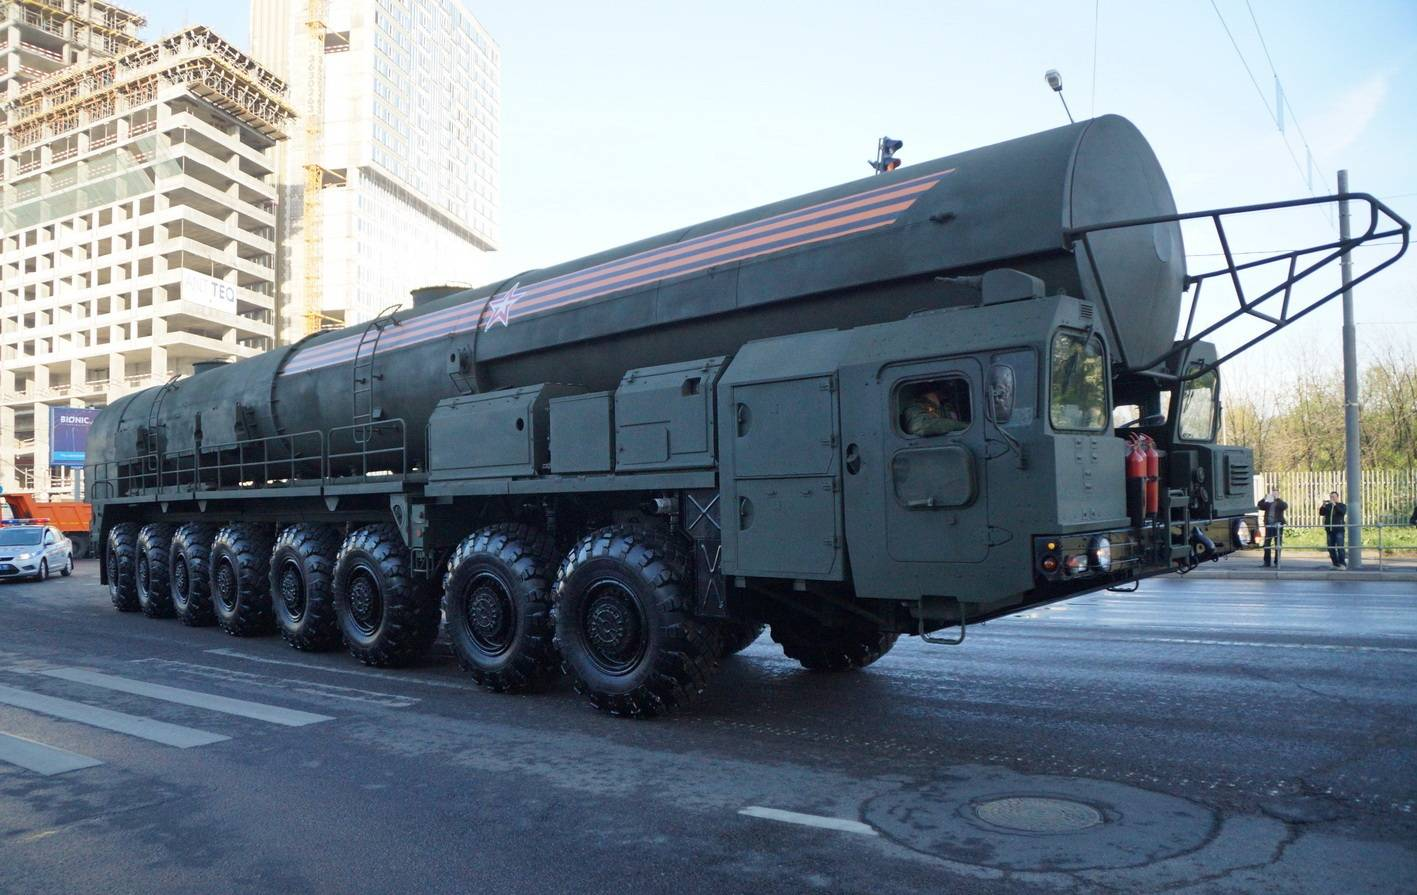 Ракетный комплекс рс-26 «рубеж» не на шутку напугал сша – геноцид русов